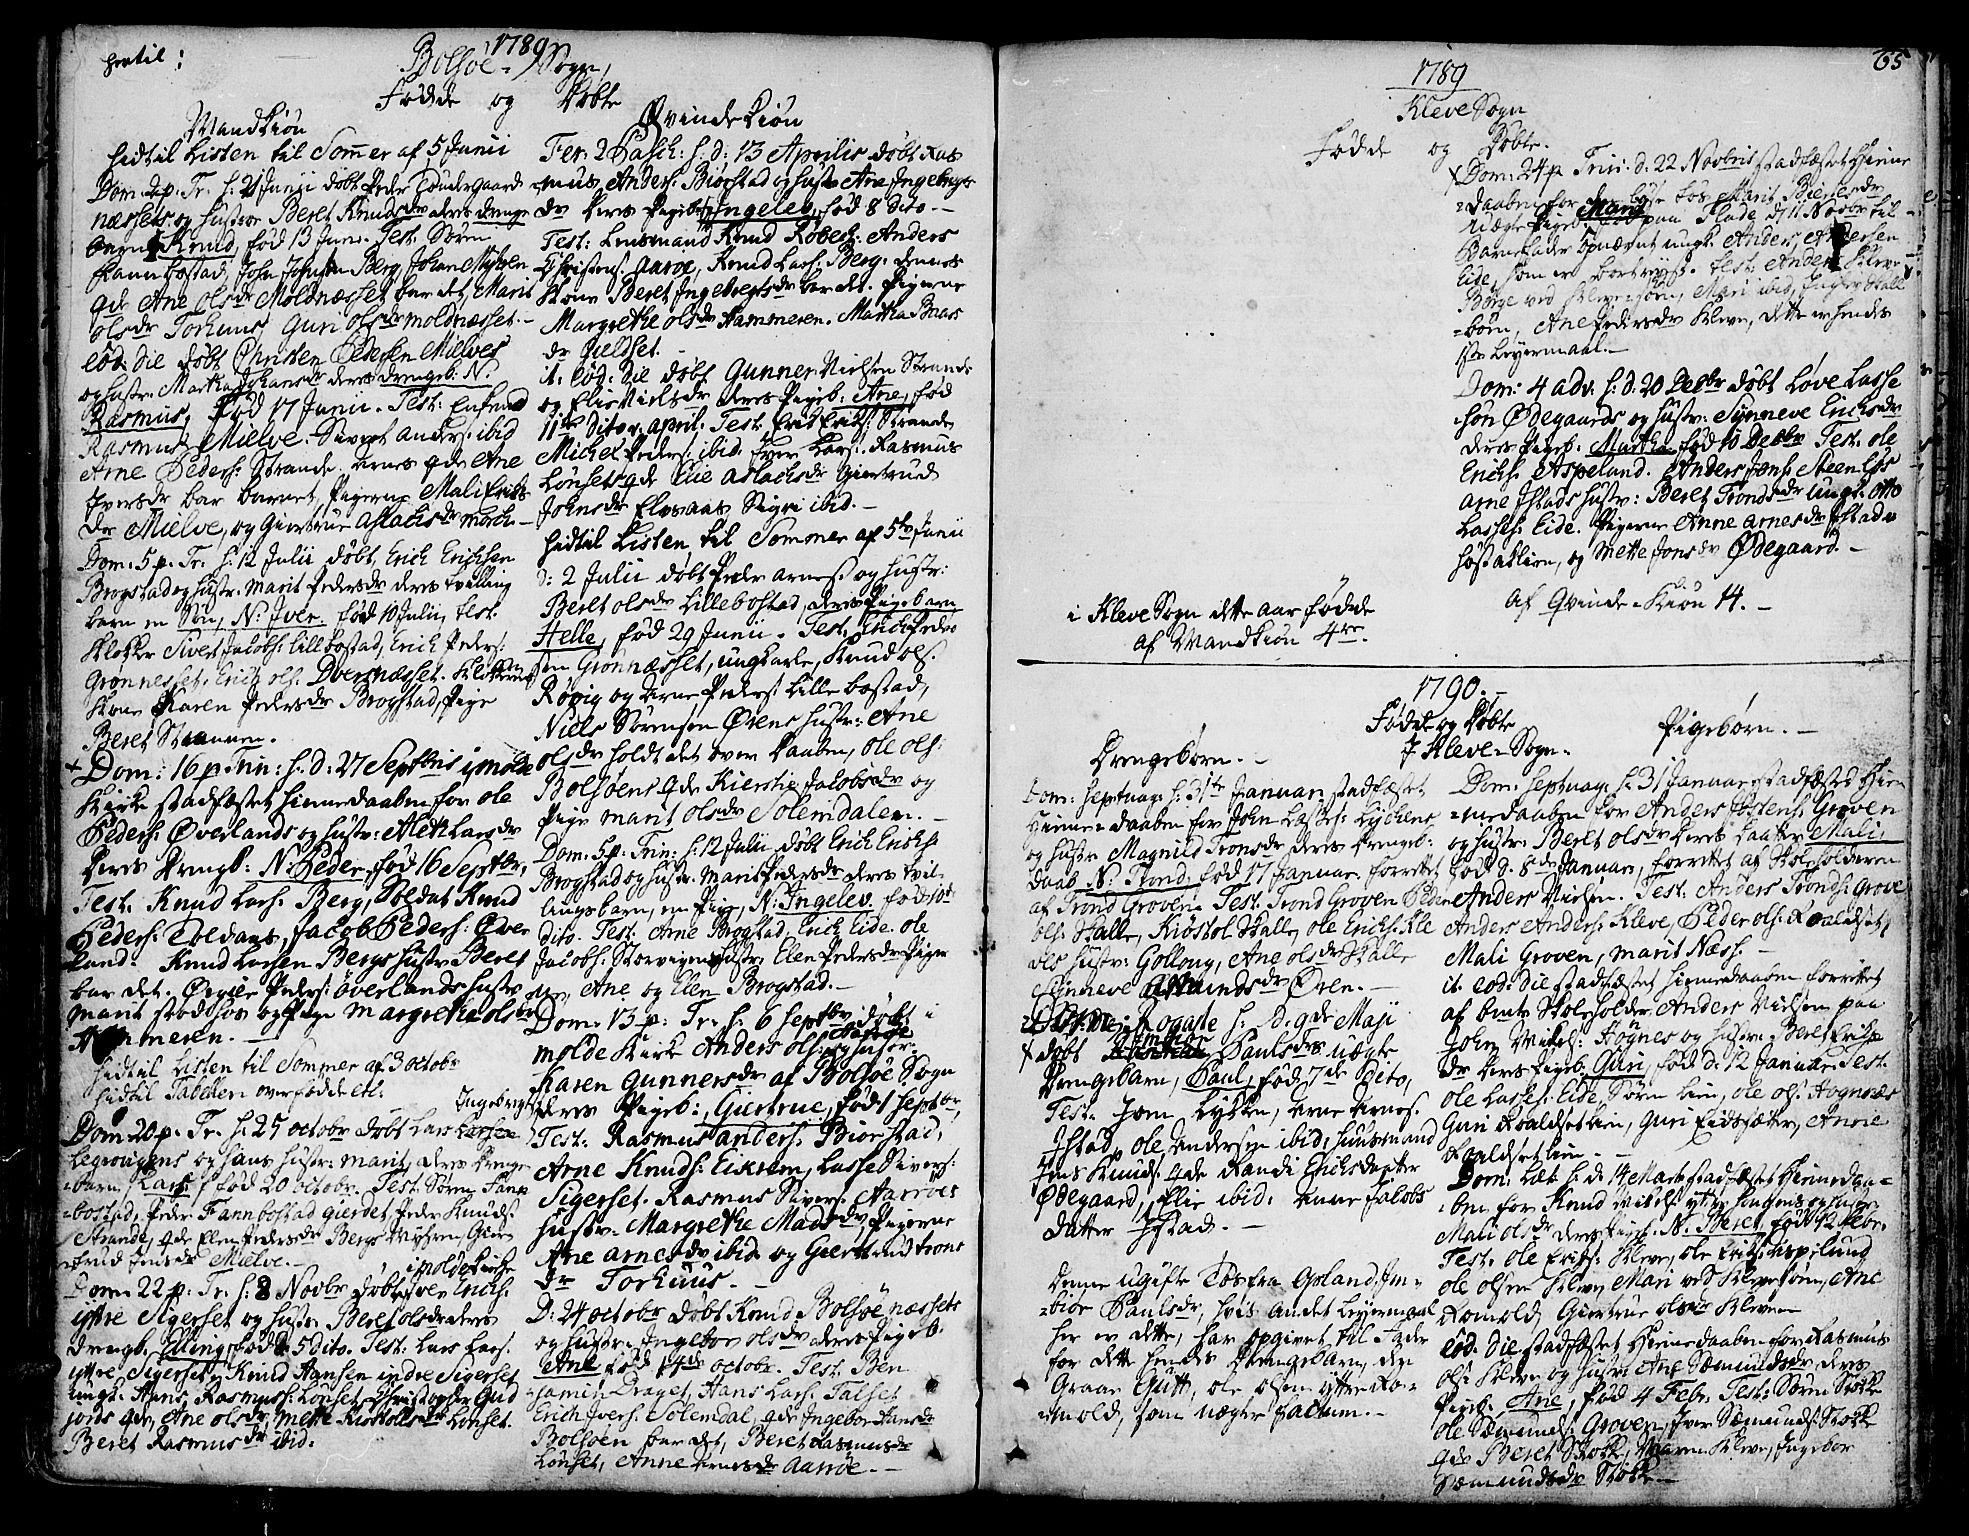 SAT, Ministerialprotokoller, klokkerbøker og fødselsregistre - Møre og Romsdal, 555/L0648: Ministerialbok nr. 555A01, 1759-1793, s. 65